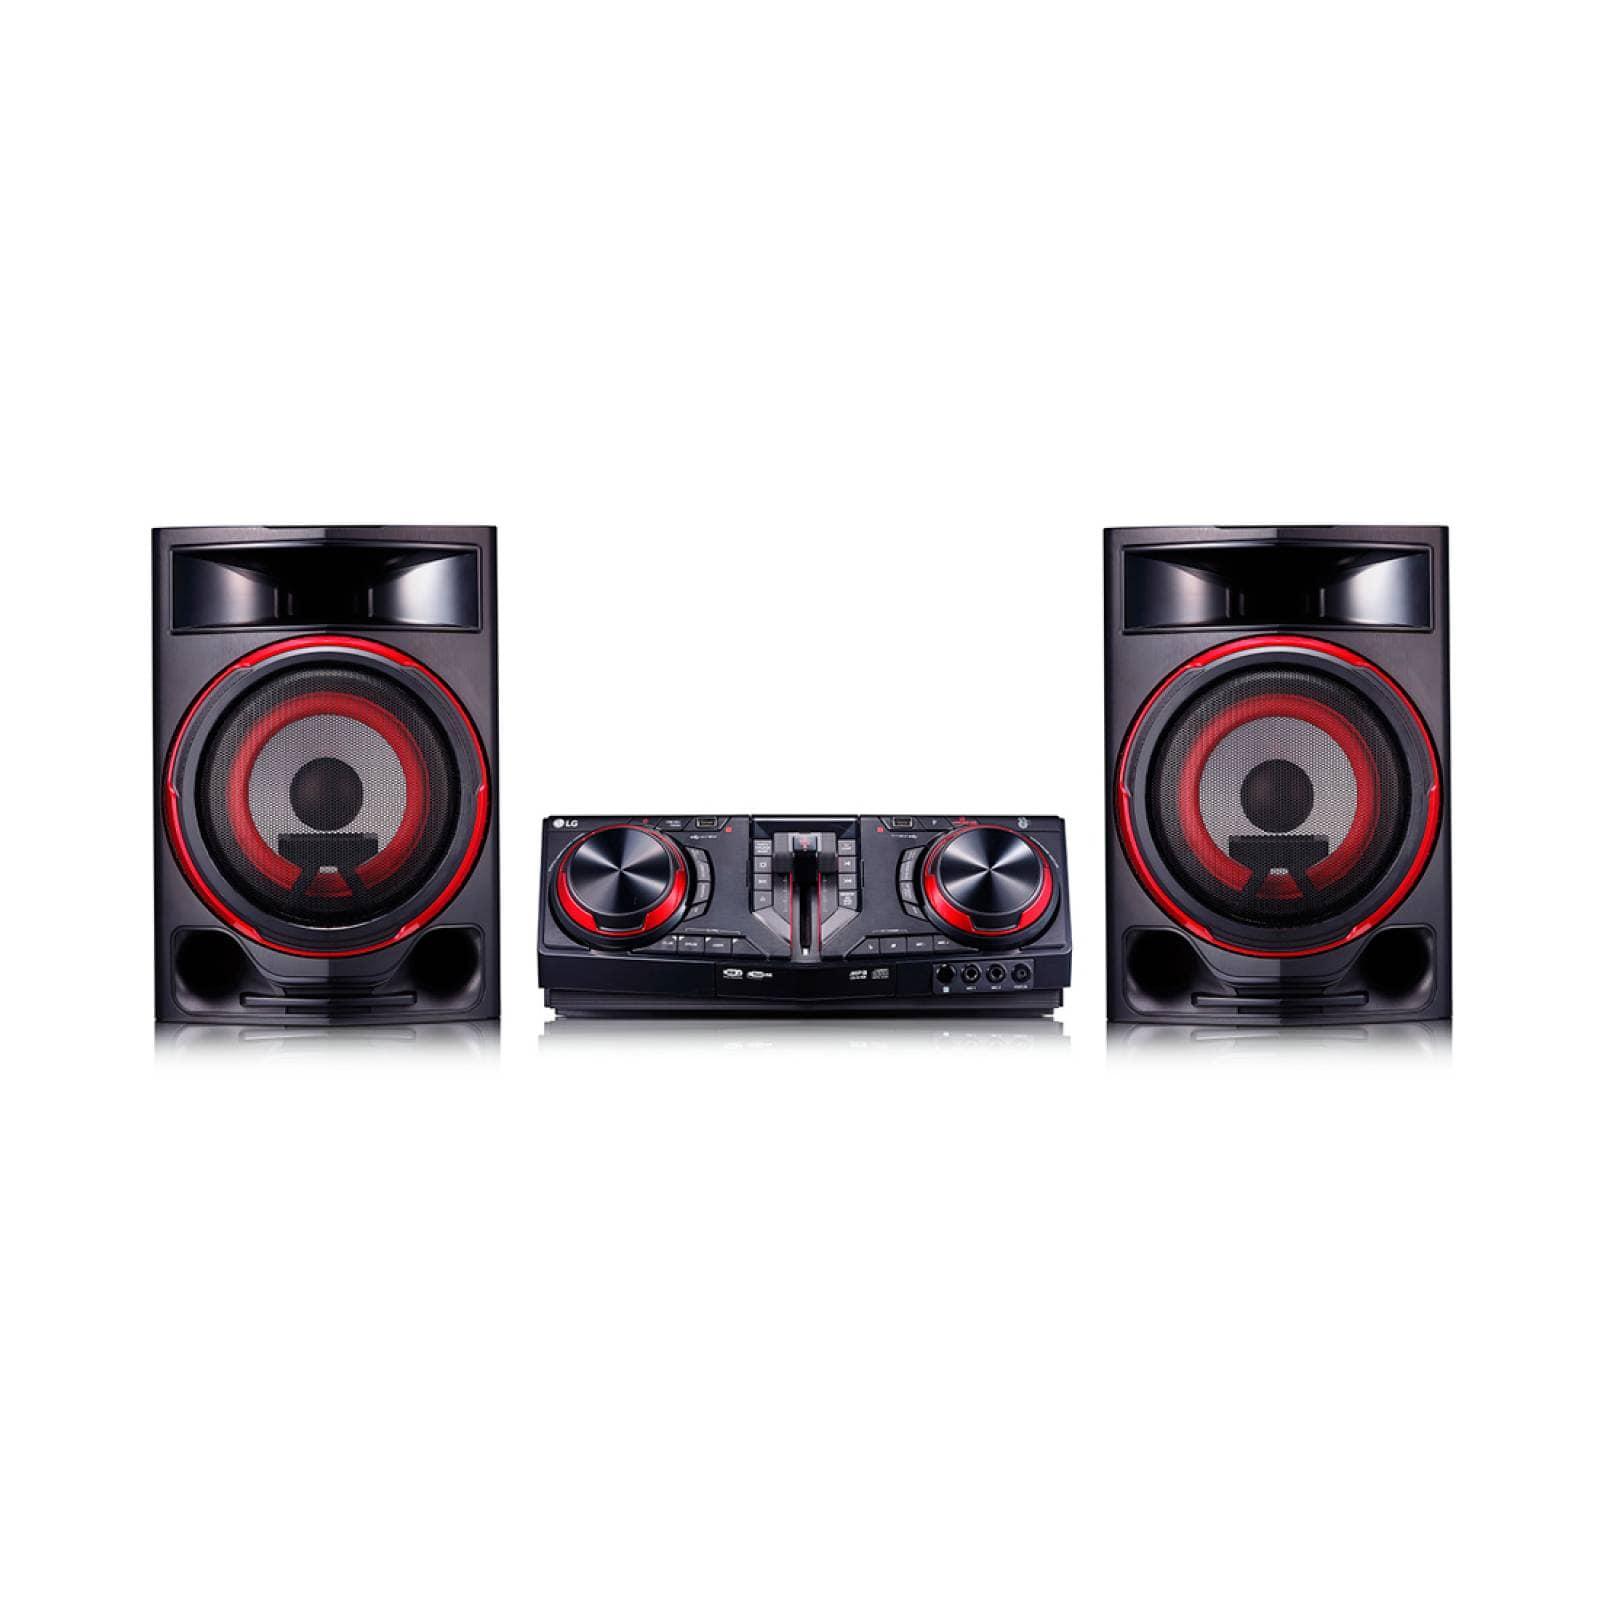 Minicomponente 2350W Bluetooth DJ Karaoke XBOOM CJ-87 LG